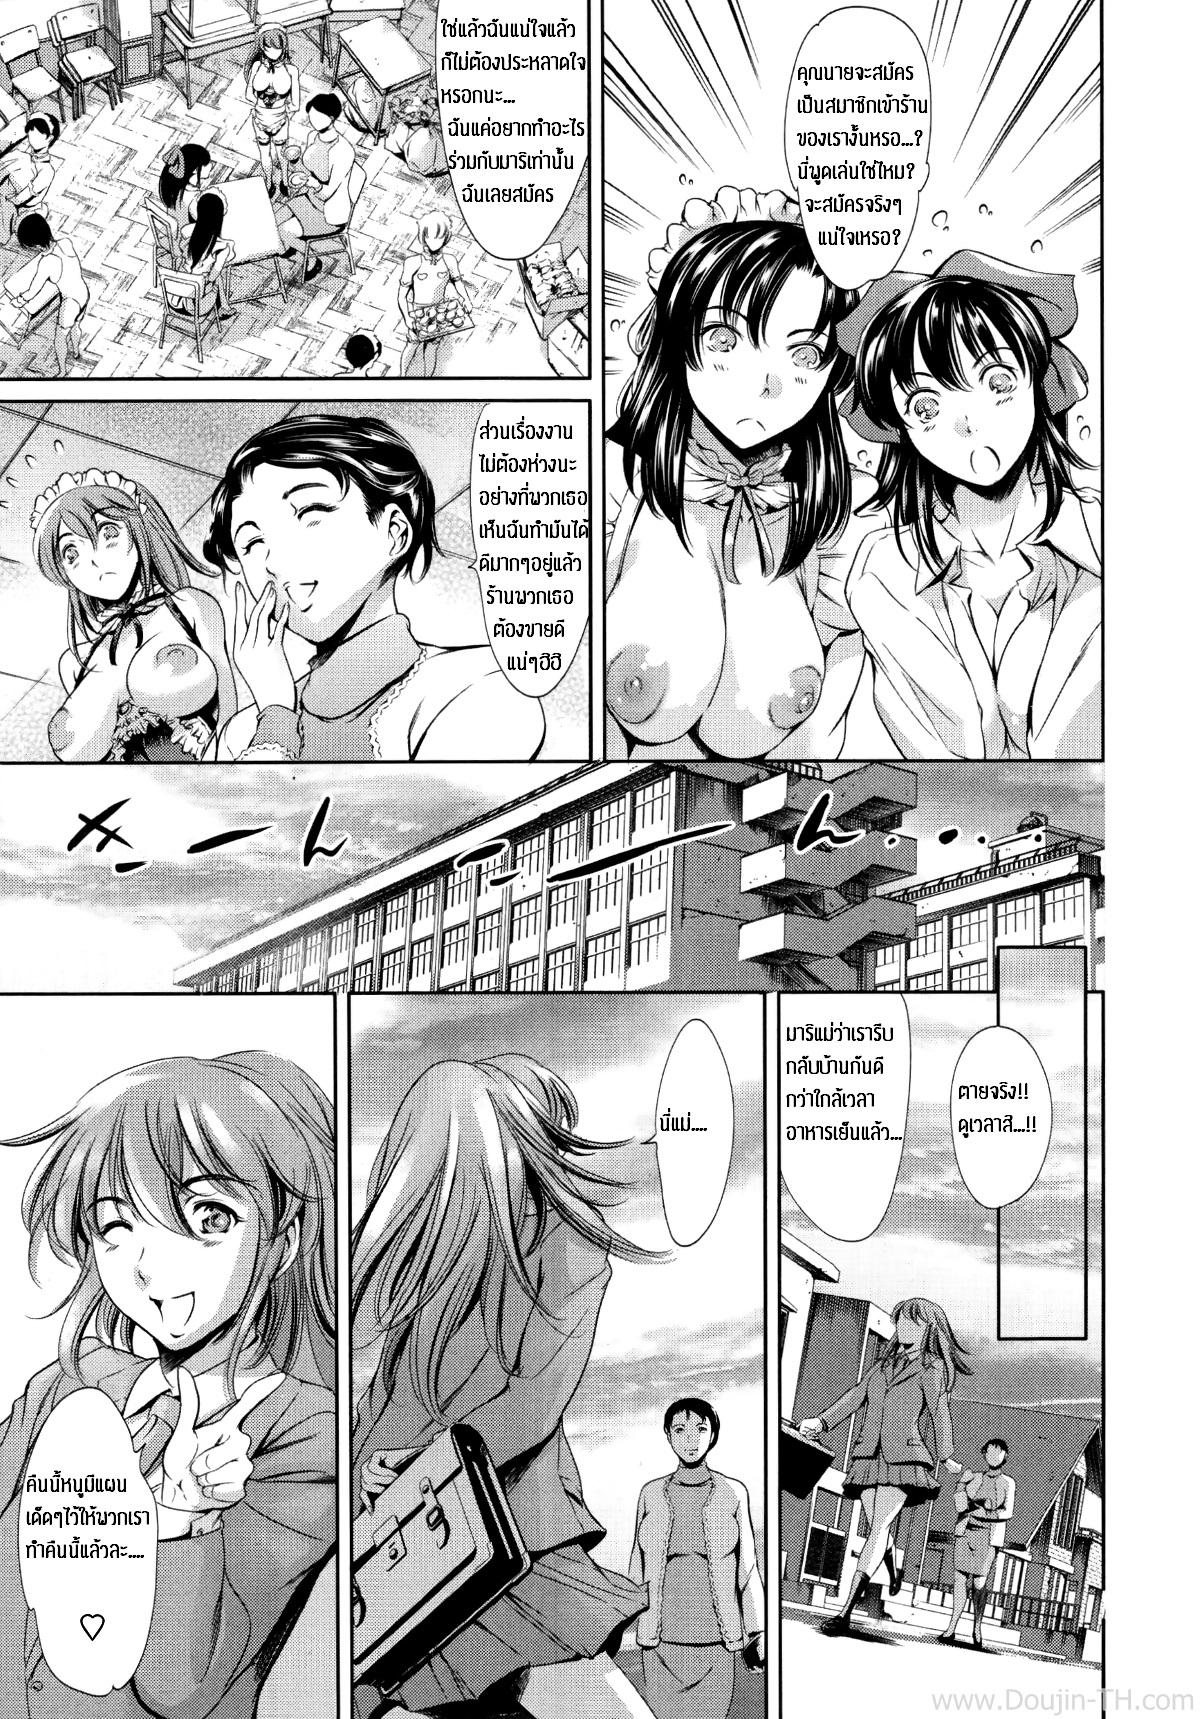 คอสเพลเสียน้ำ 2 - หน้า 23